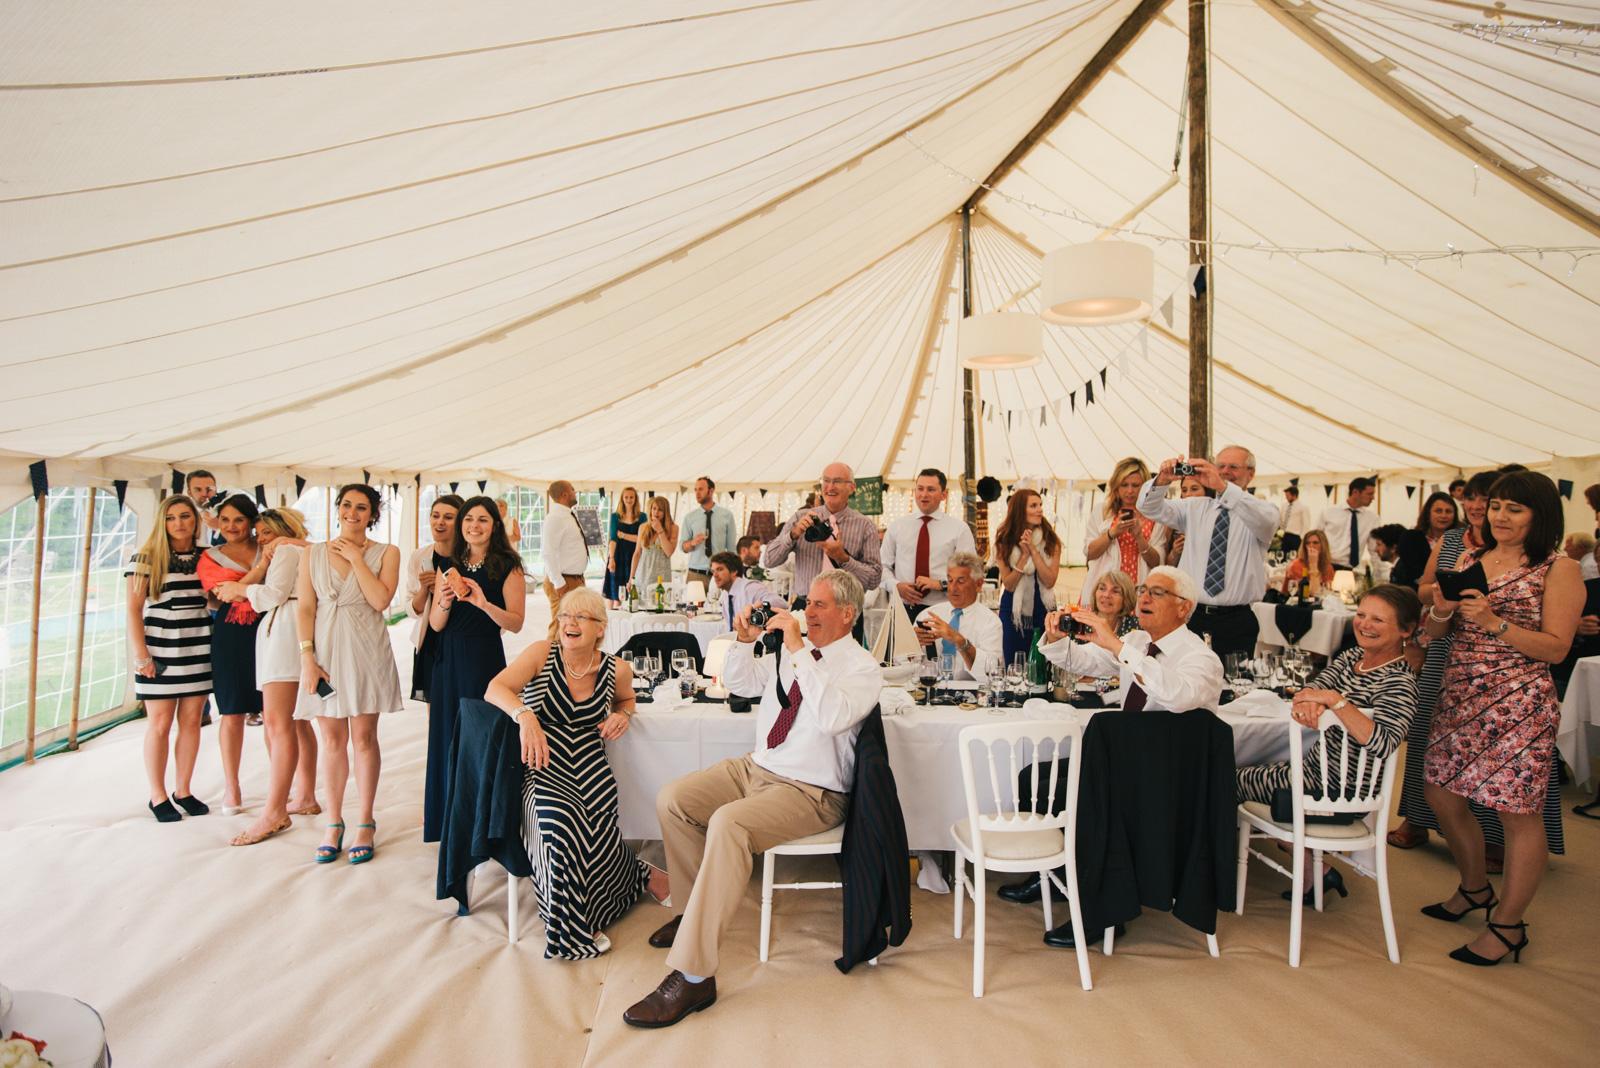 mylor-church-wedding-106.jpg